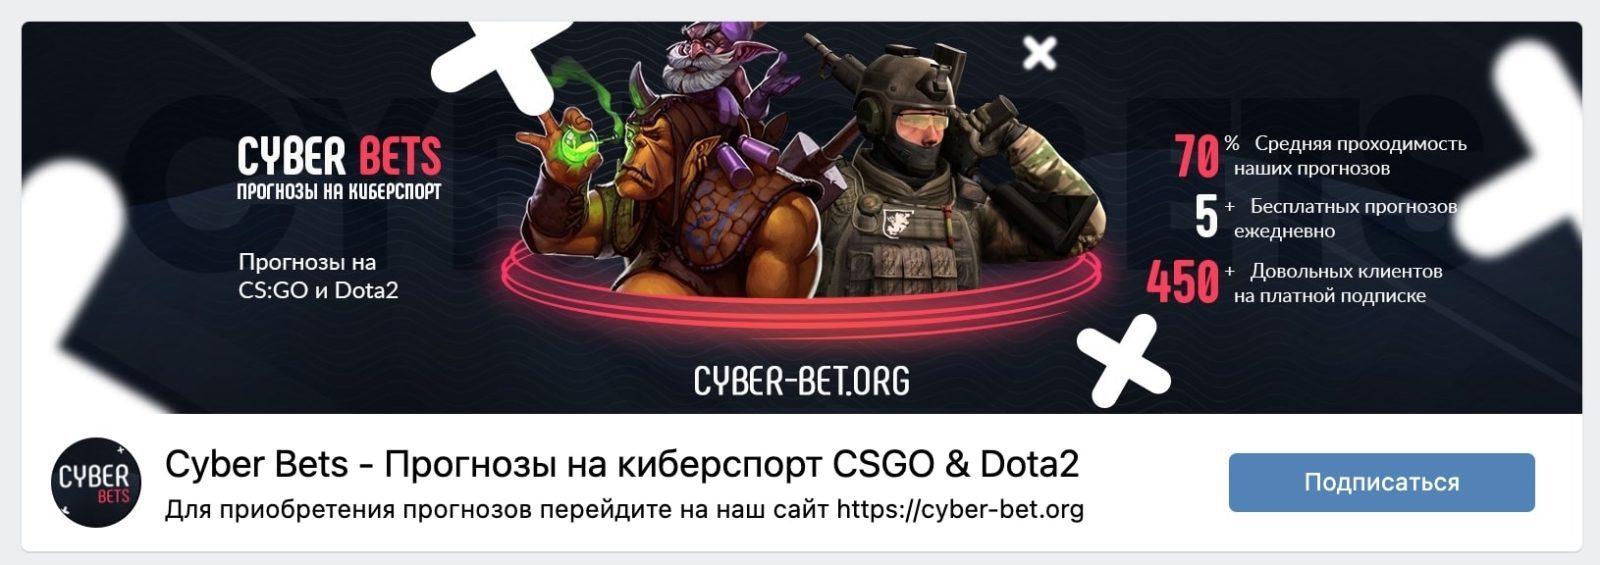 Группа ВК Cyber Bets (Сайбер Бет)